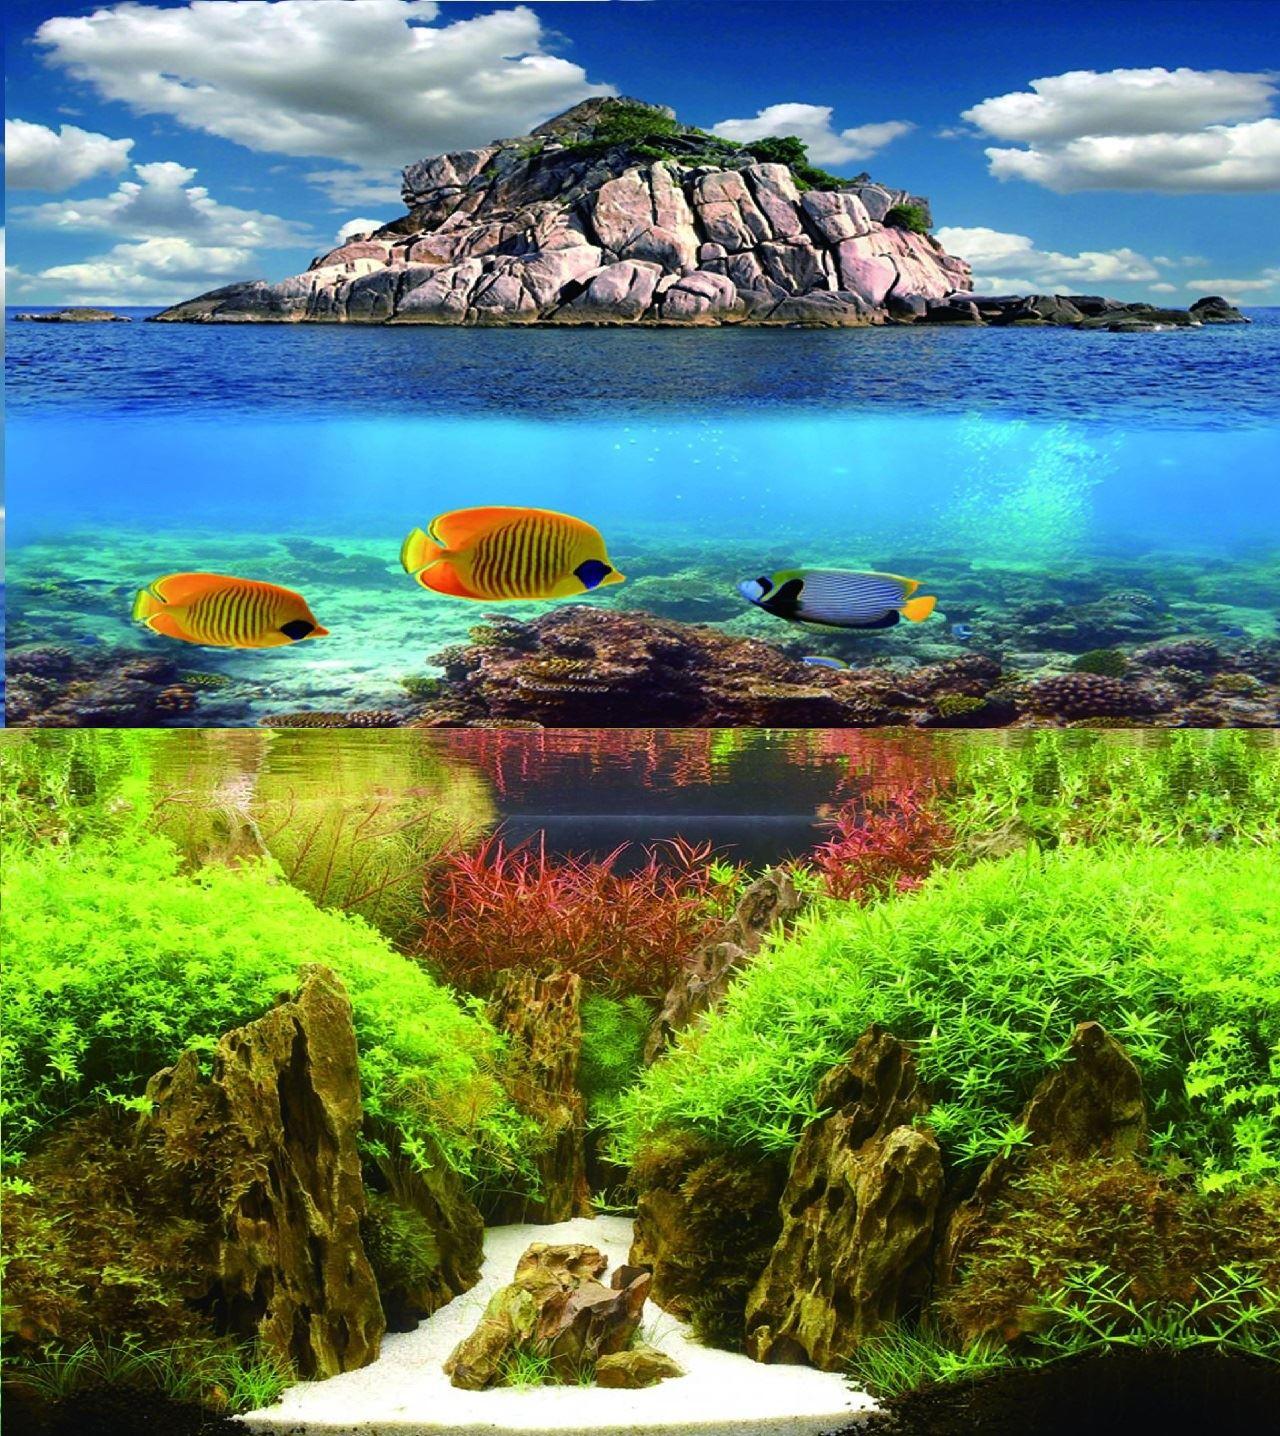 Fish aquarium for sale in pakistan - 12 Double Sided Aquarium Background Backdrop Fish Tank Reptile Vivarium Marine